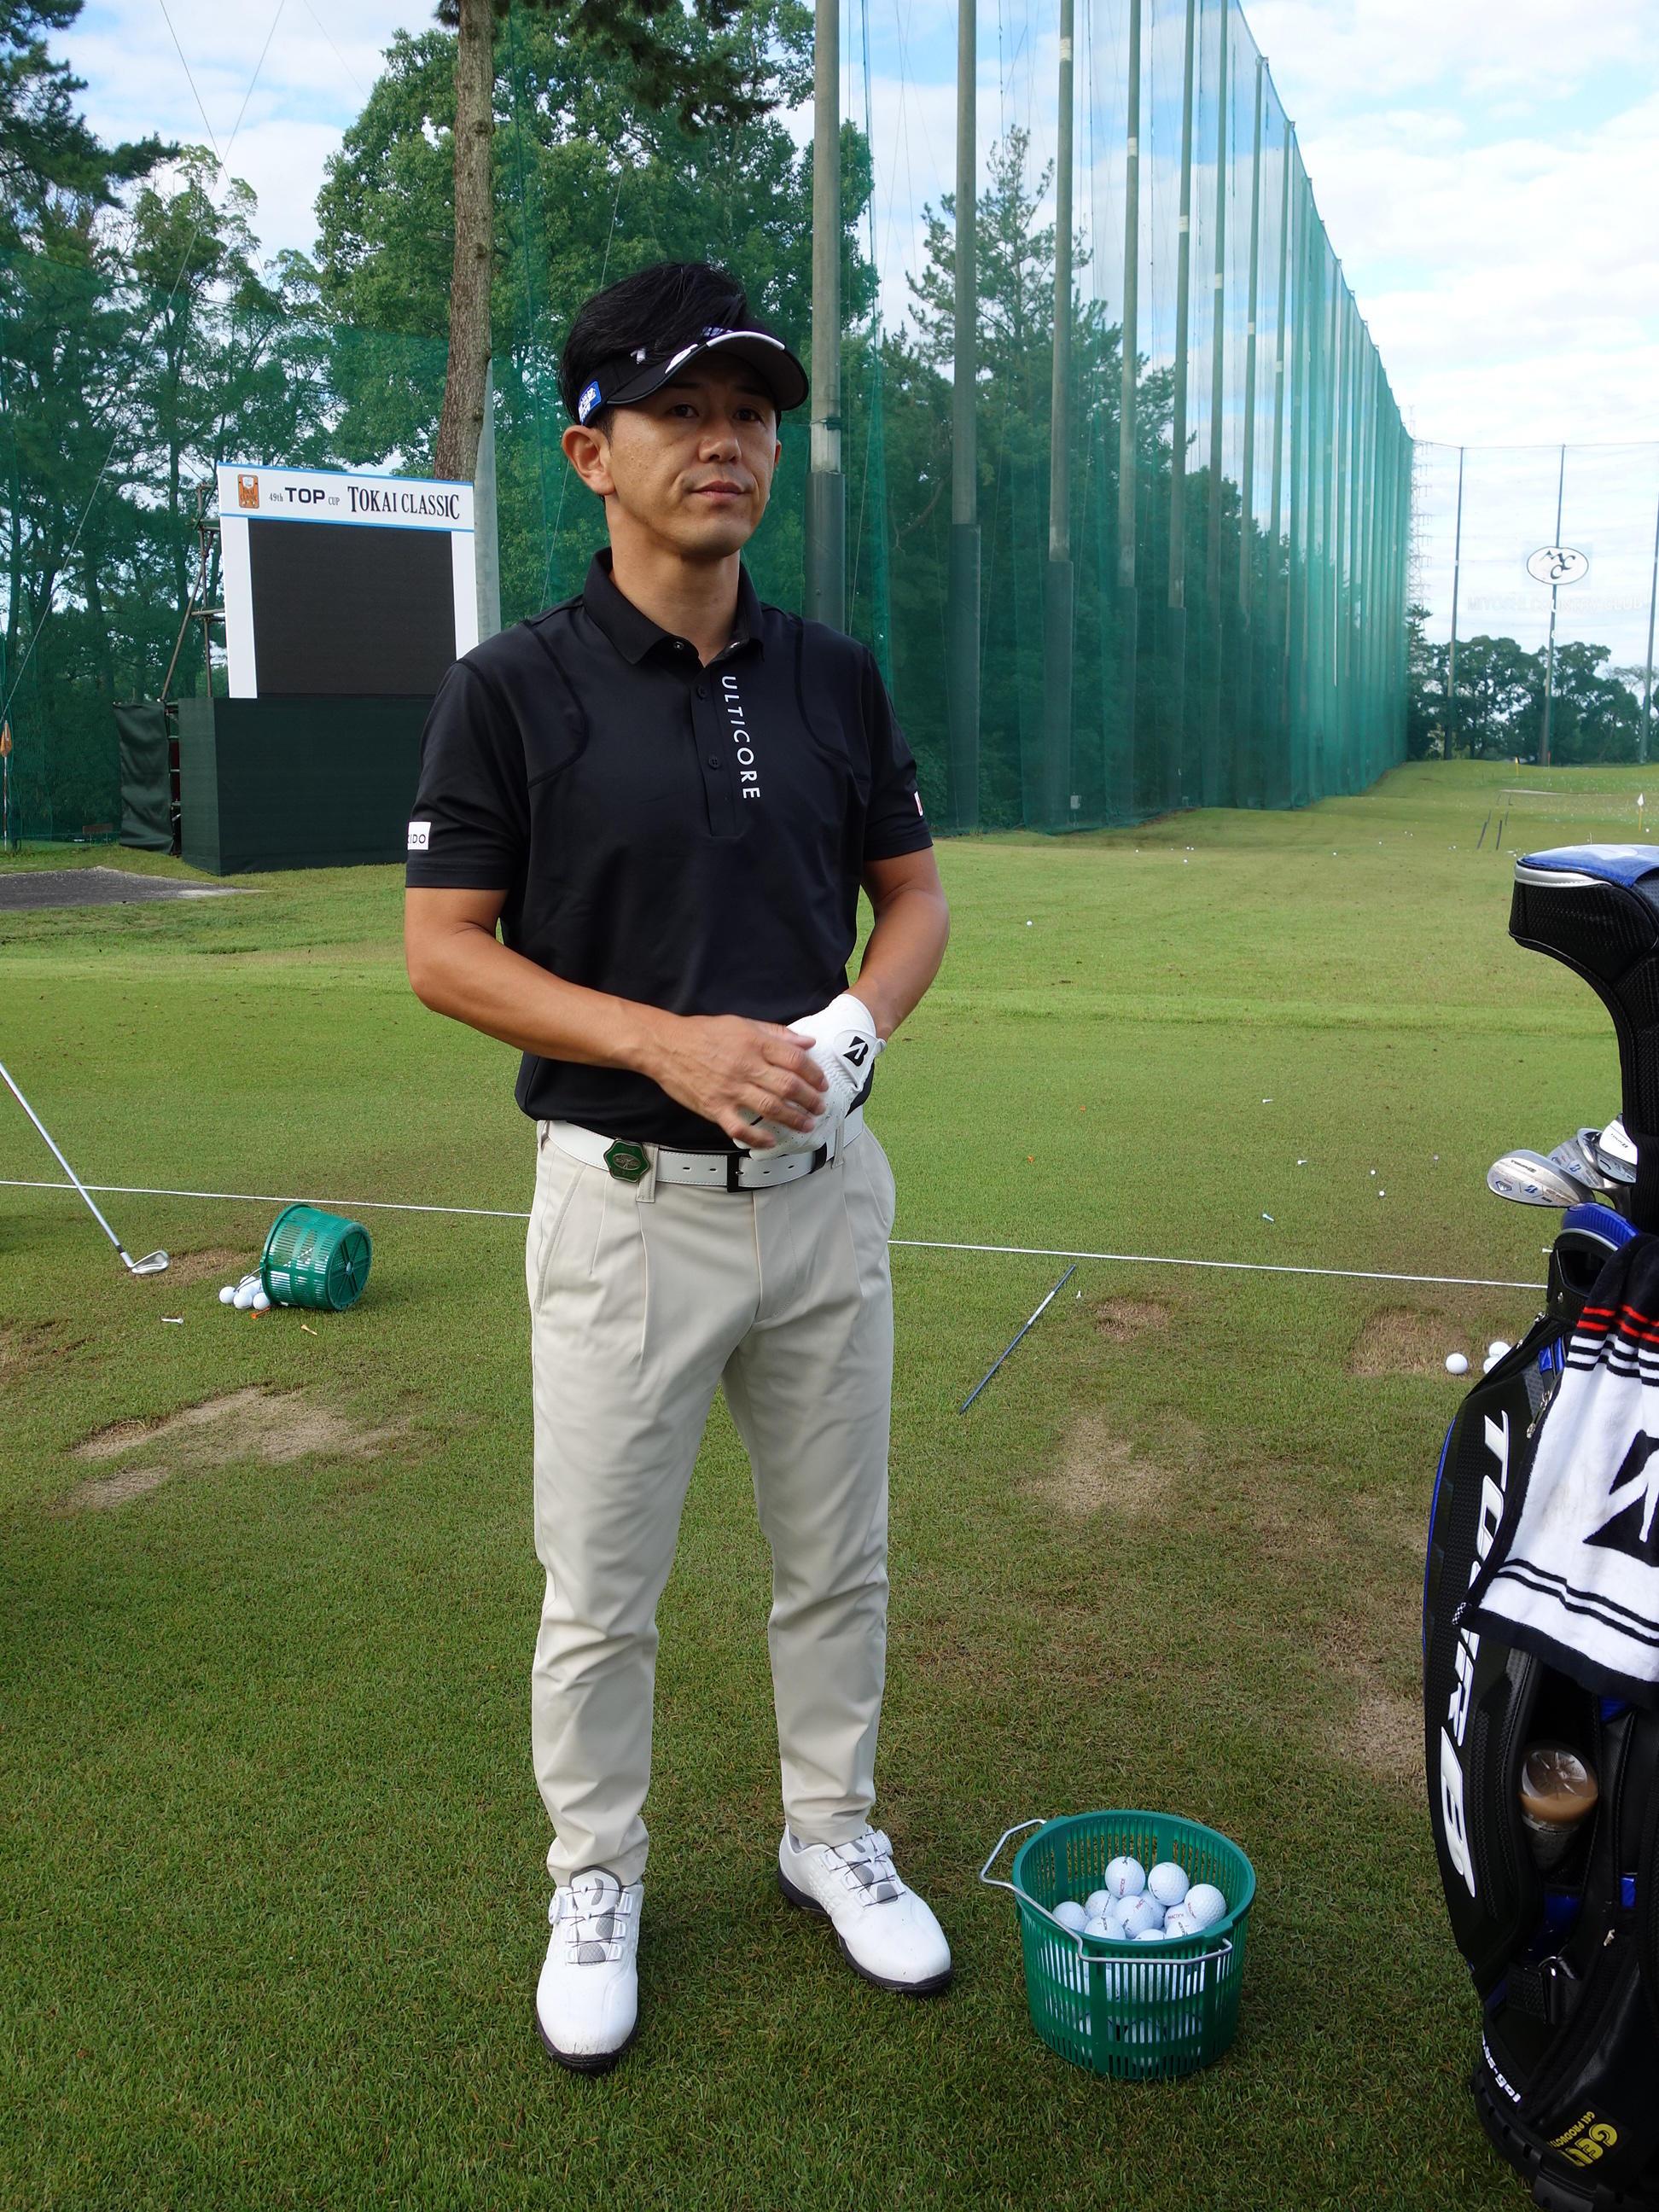 http://www.bs-golf.com/pro/cbf75dac5a9623a17c911f7af6b99072527465a9.JPG